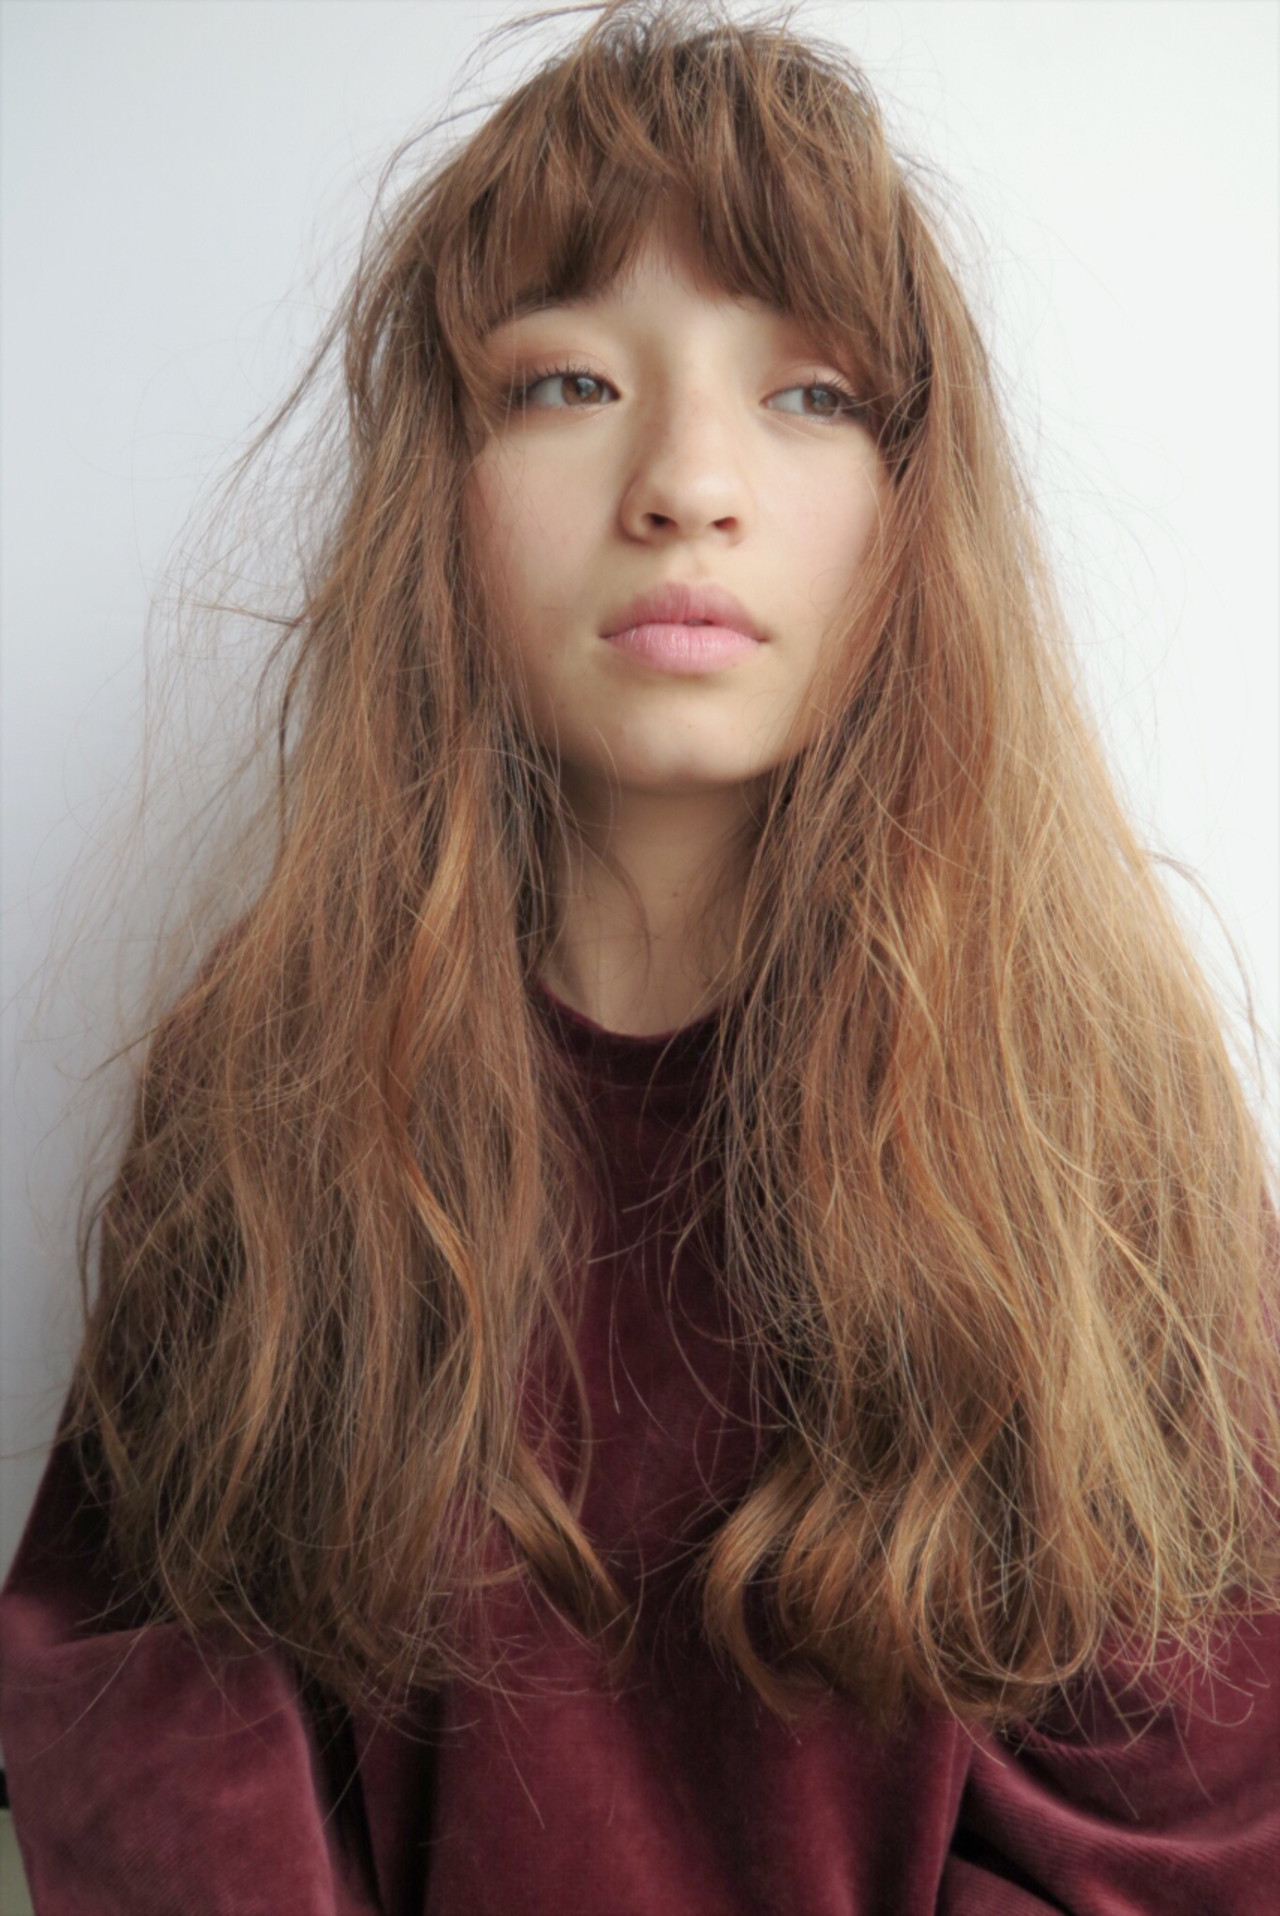 ハイライト アッシュ 小顔 パーマ ヘアスタイルや髪型の写真・画像 | chiaki / magnet hair